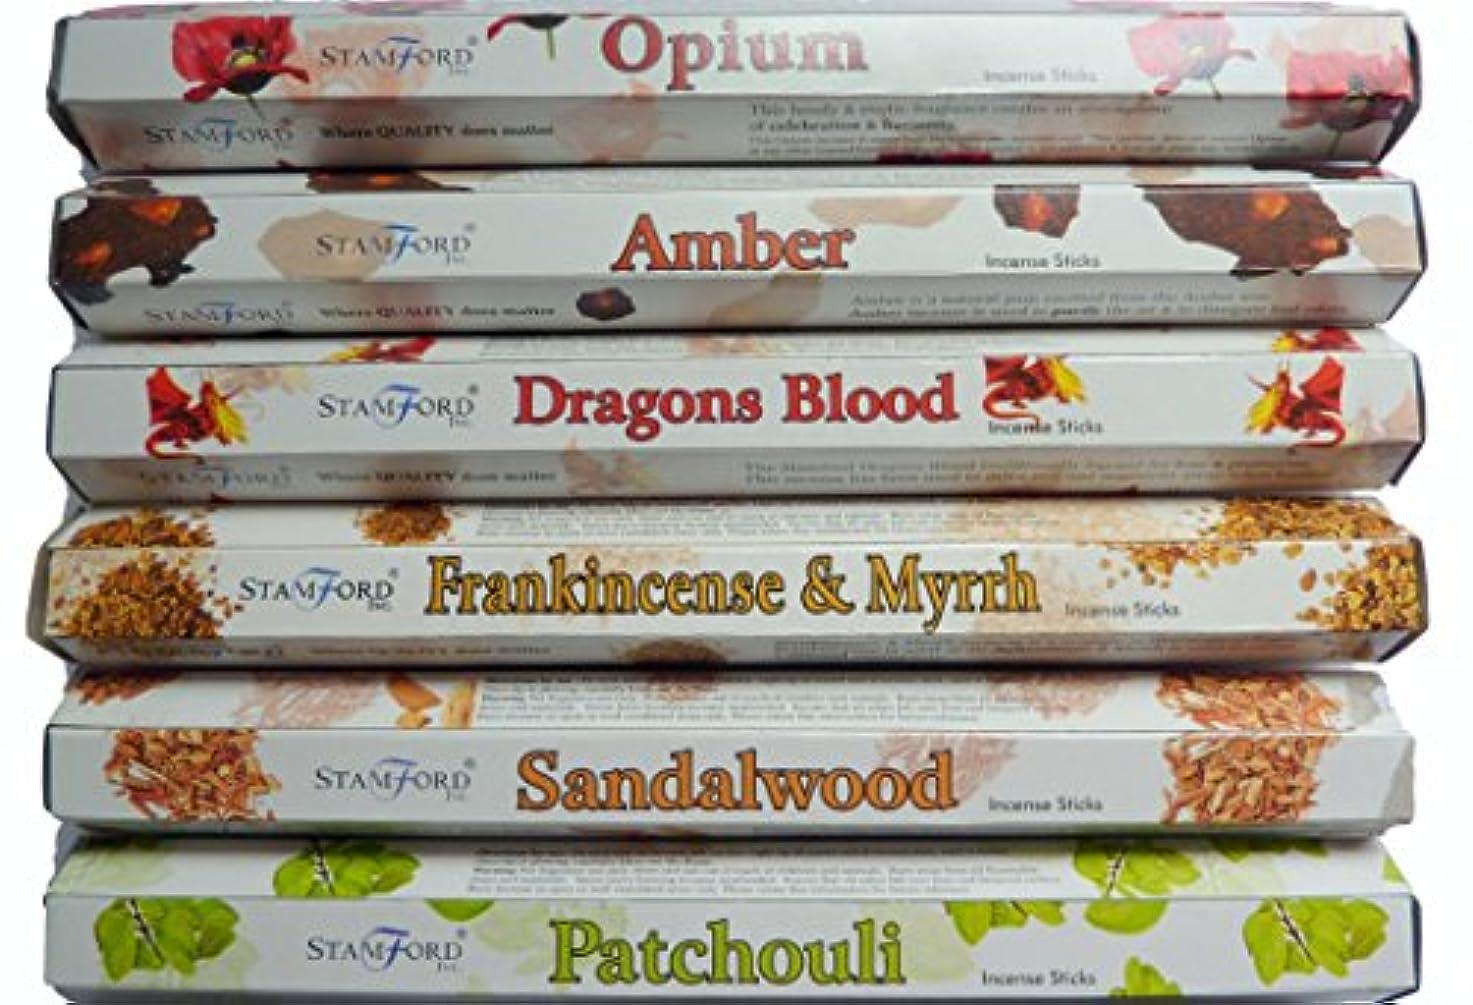 間違っている細菌鉛筆Stamford Hex範囲Incense Sticks – Opium、アンバー、ドラゴンブラッド、Frankincense & Myrrh、サンダルウッド&パチョリ20 Sticks per fragrance (...